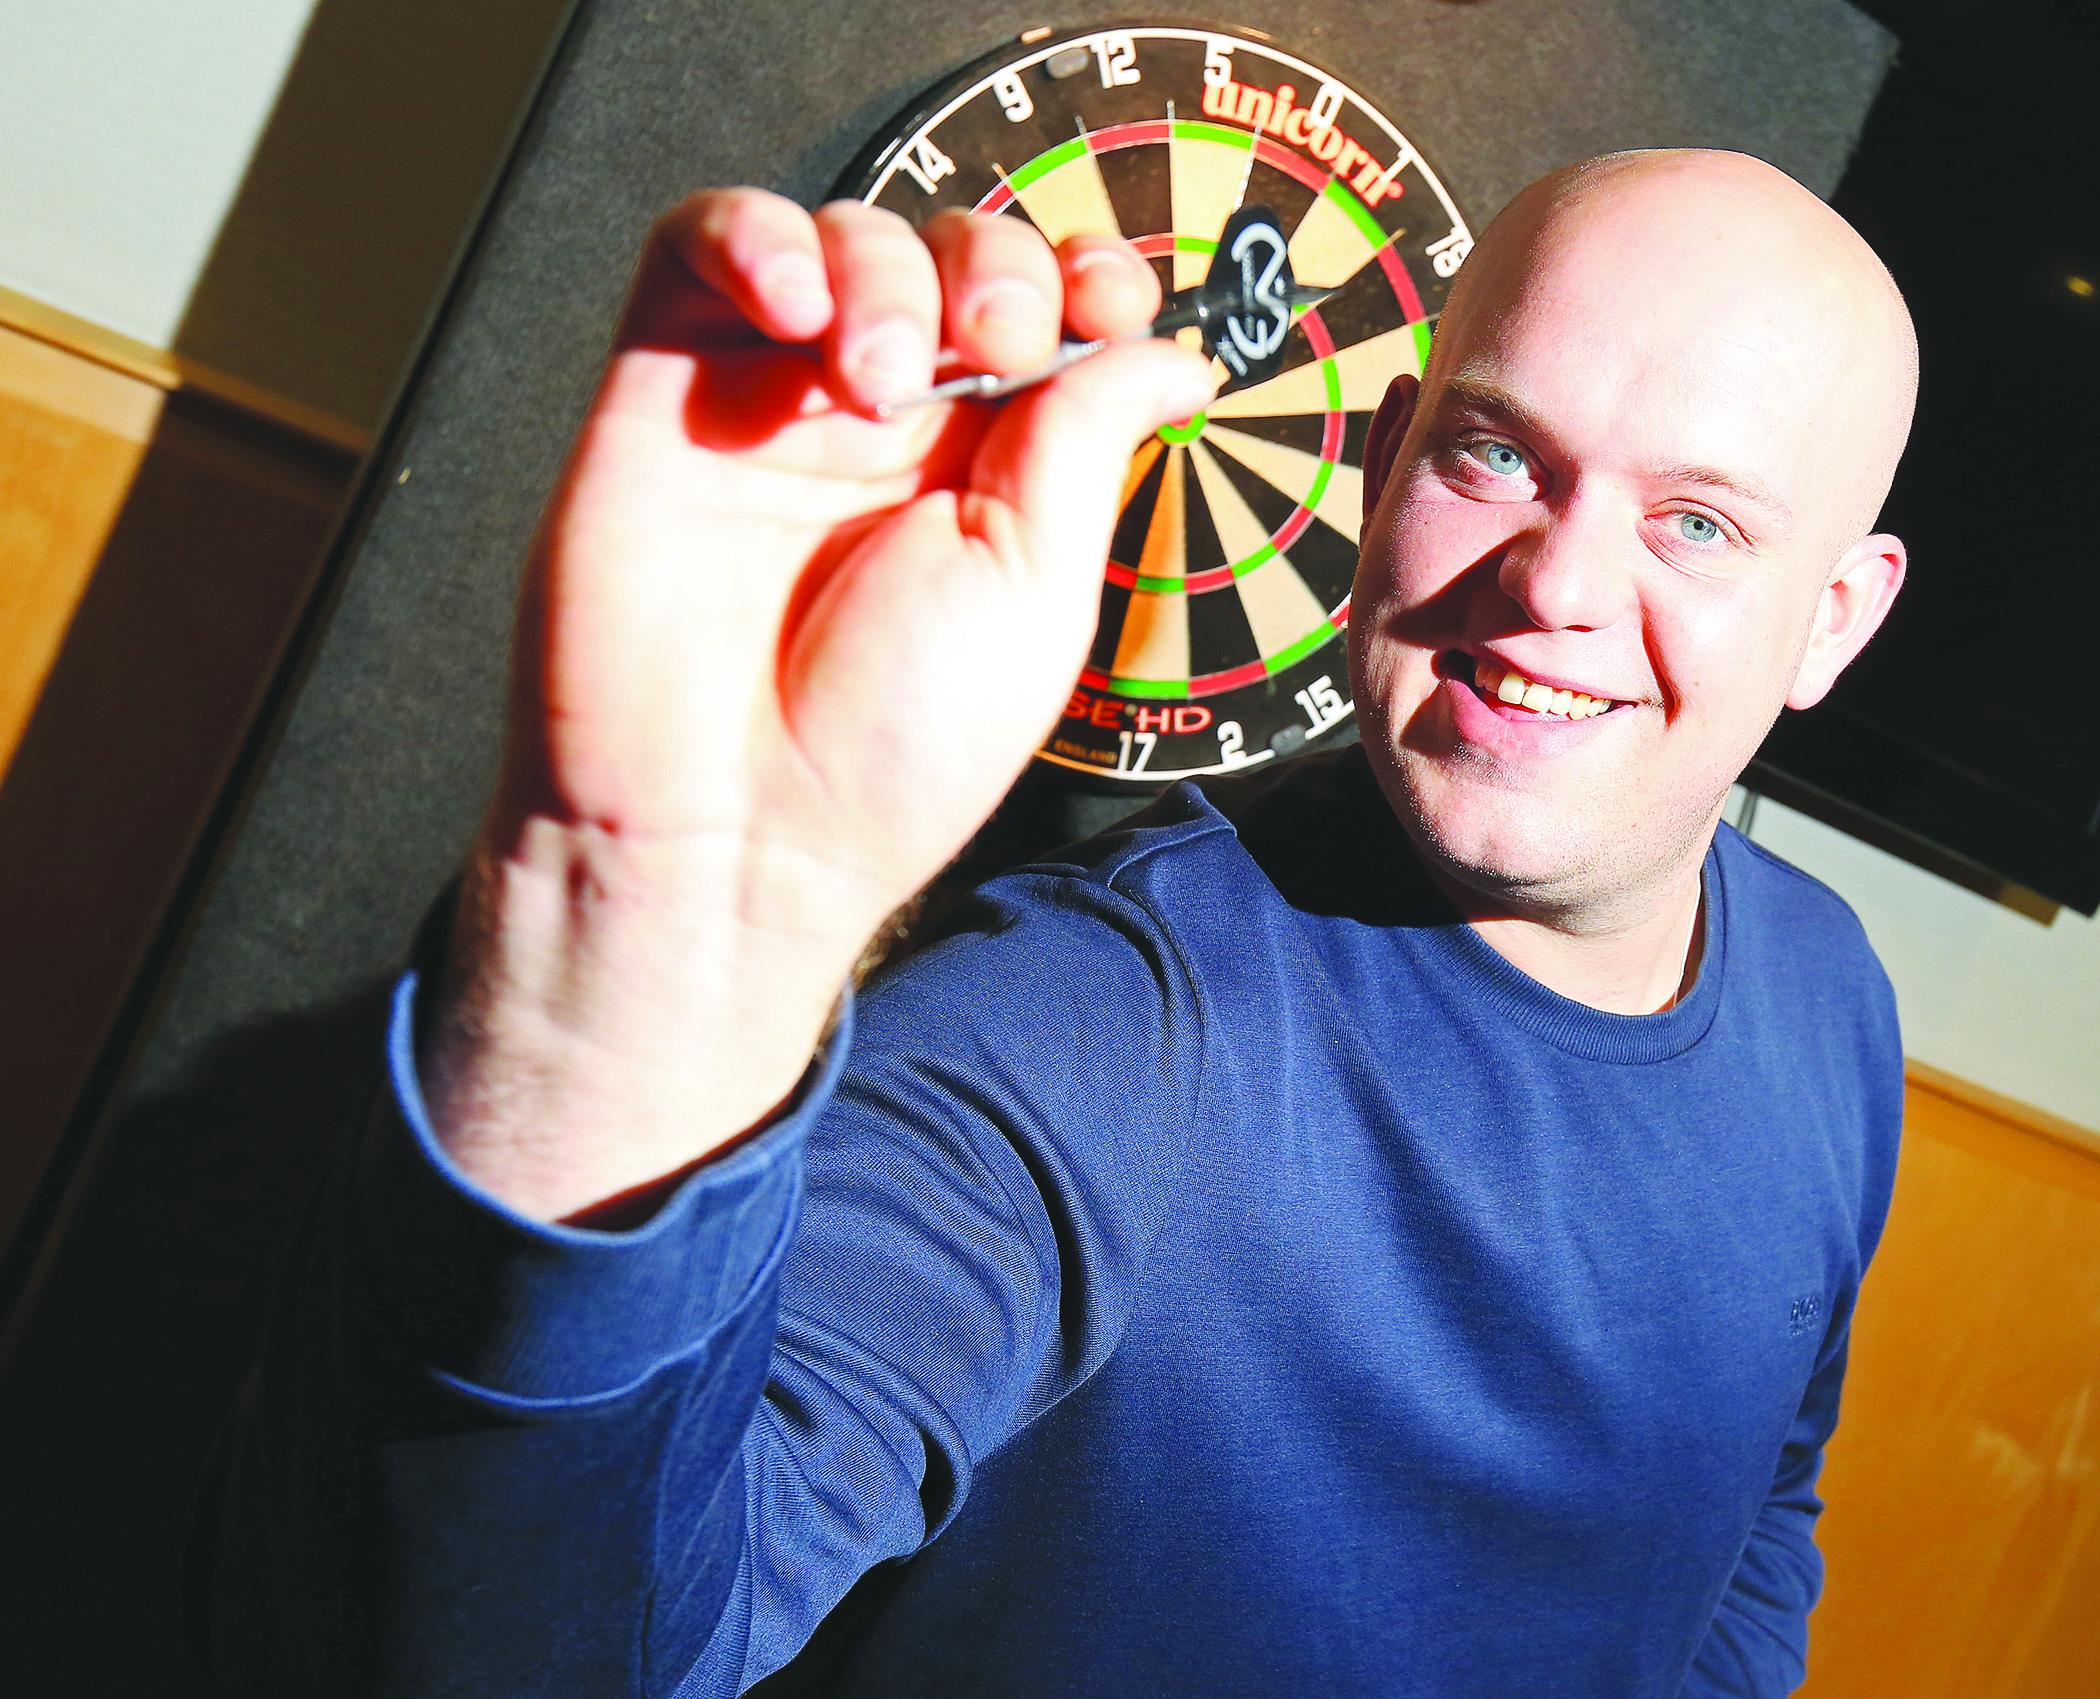 Devenish darts 011404jc162